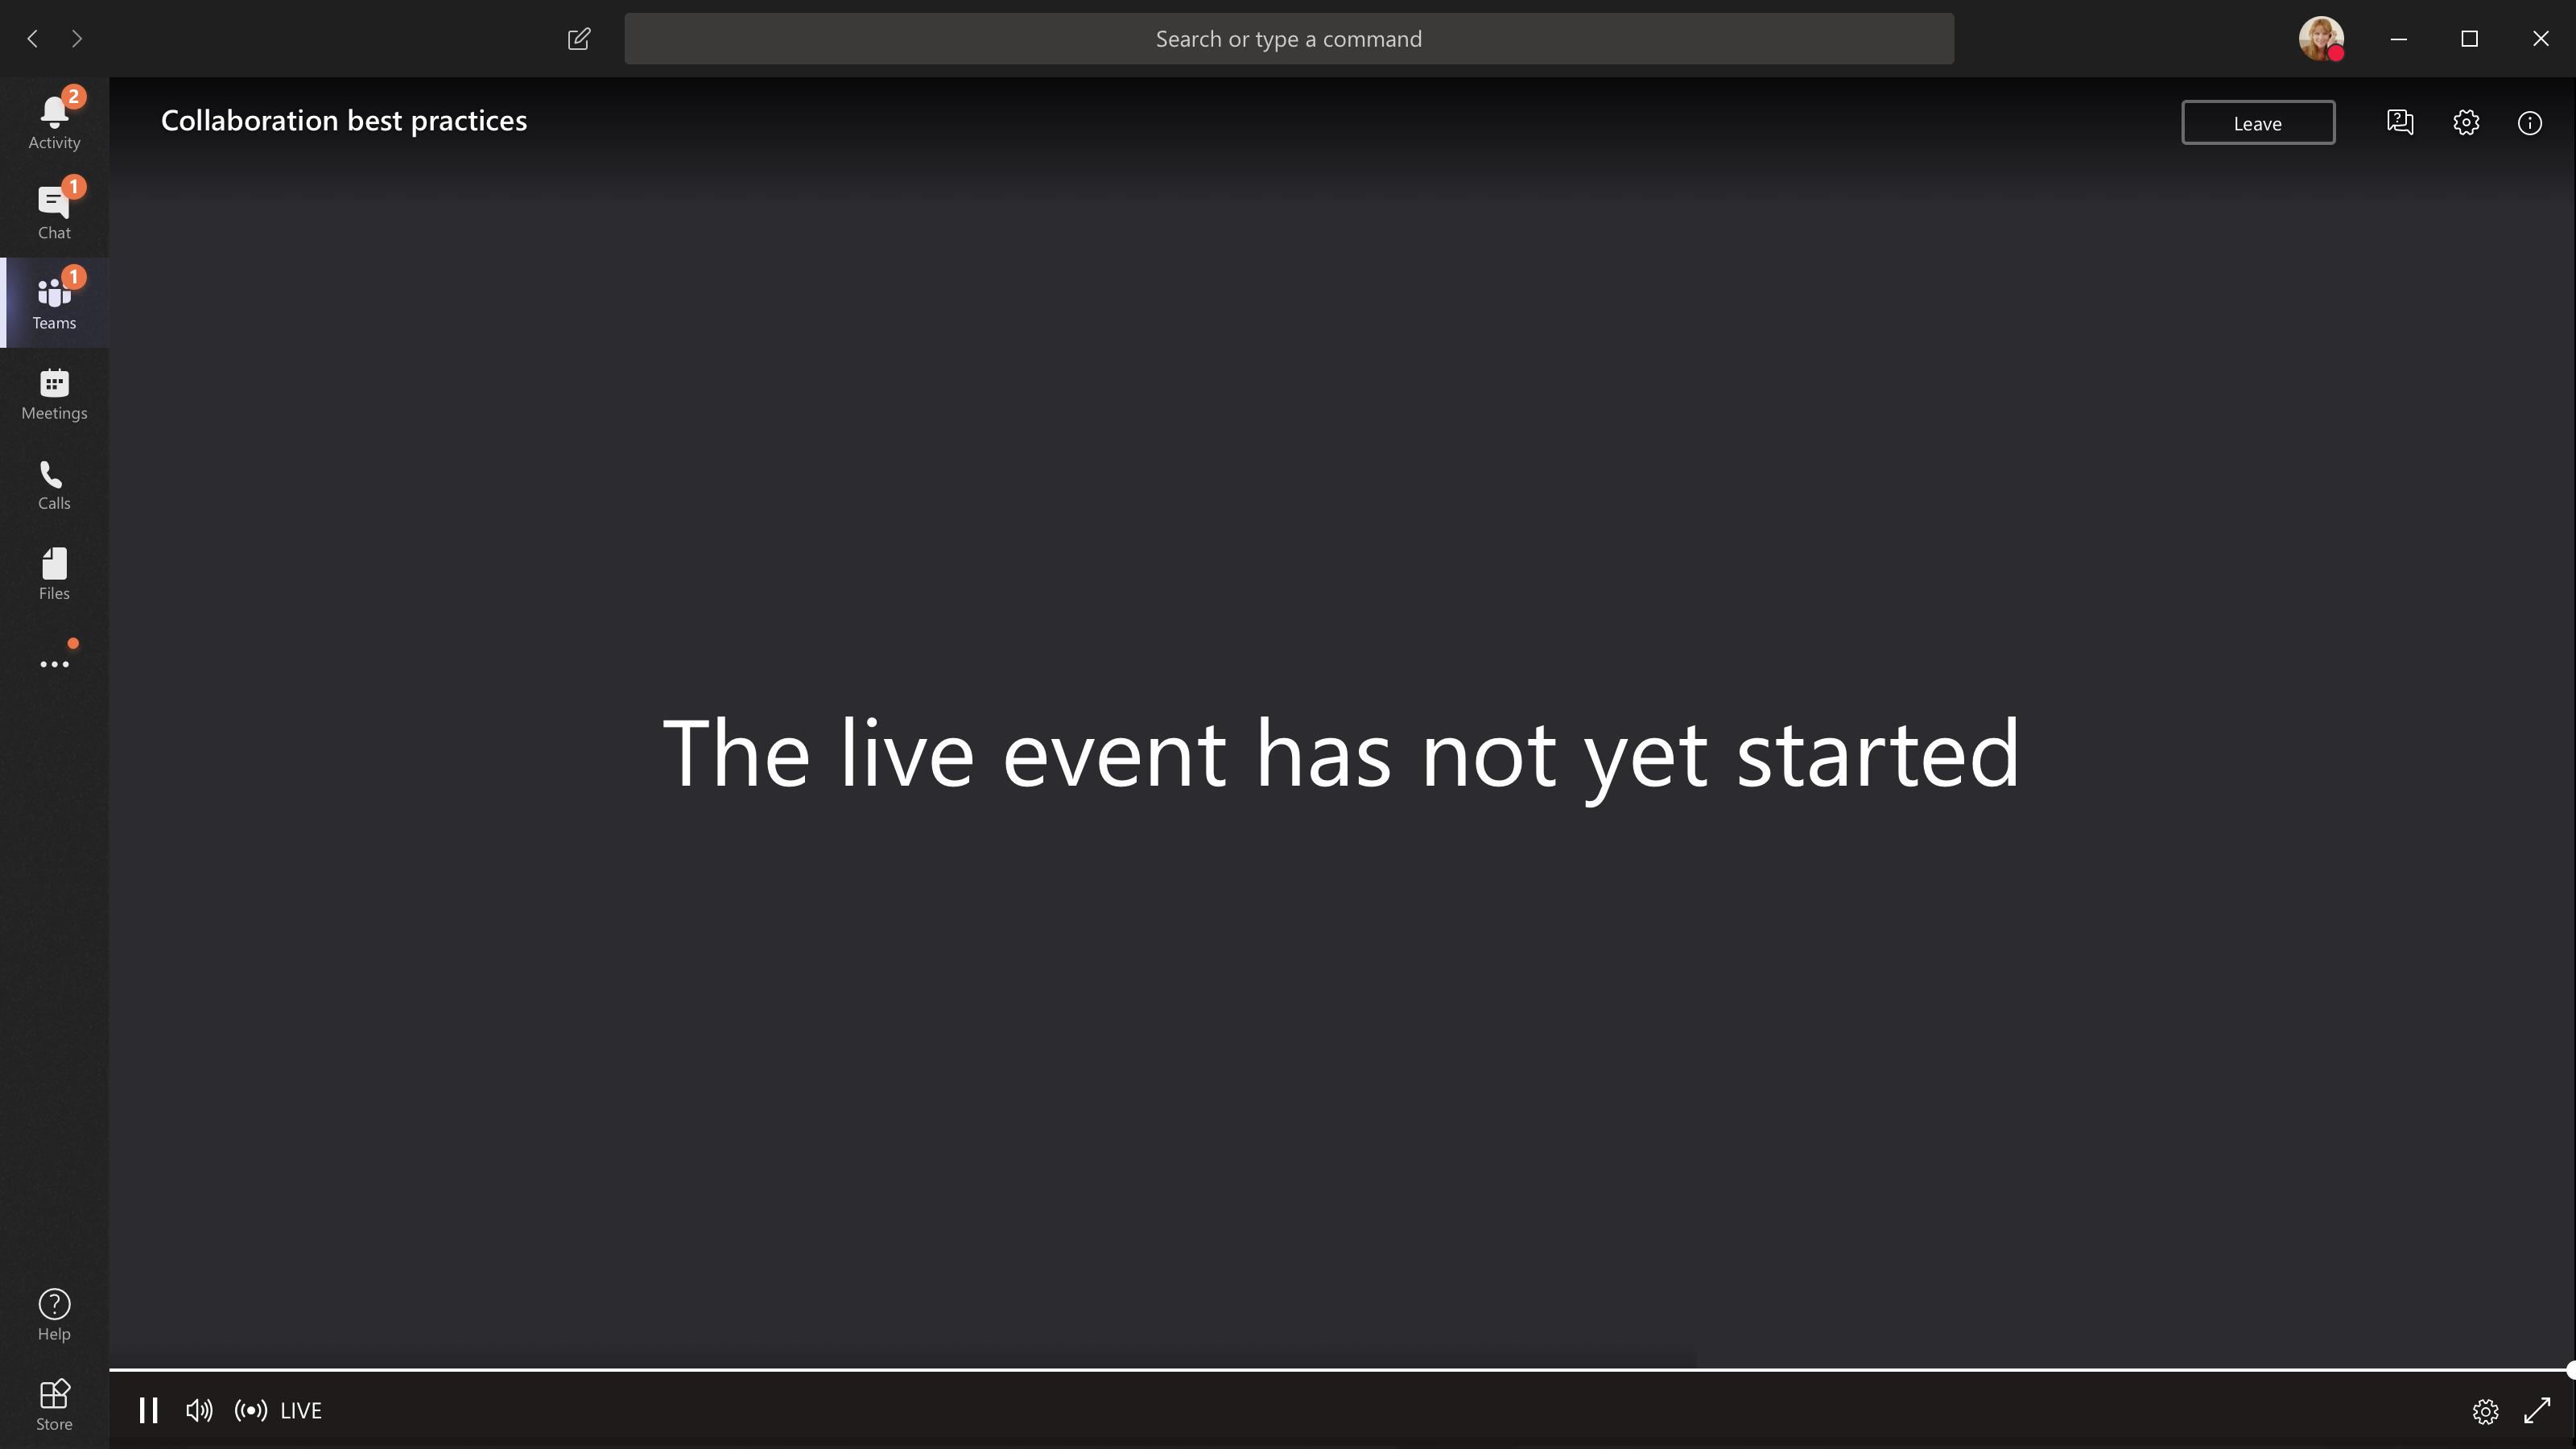 Ereignis nicht gestartet